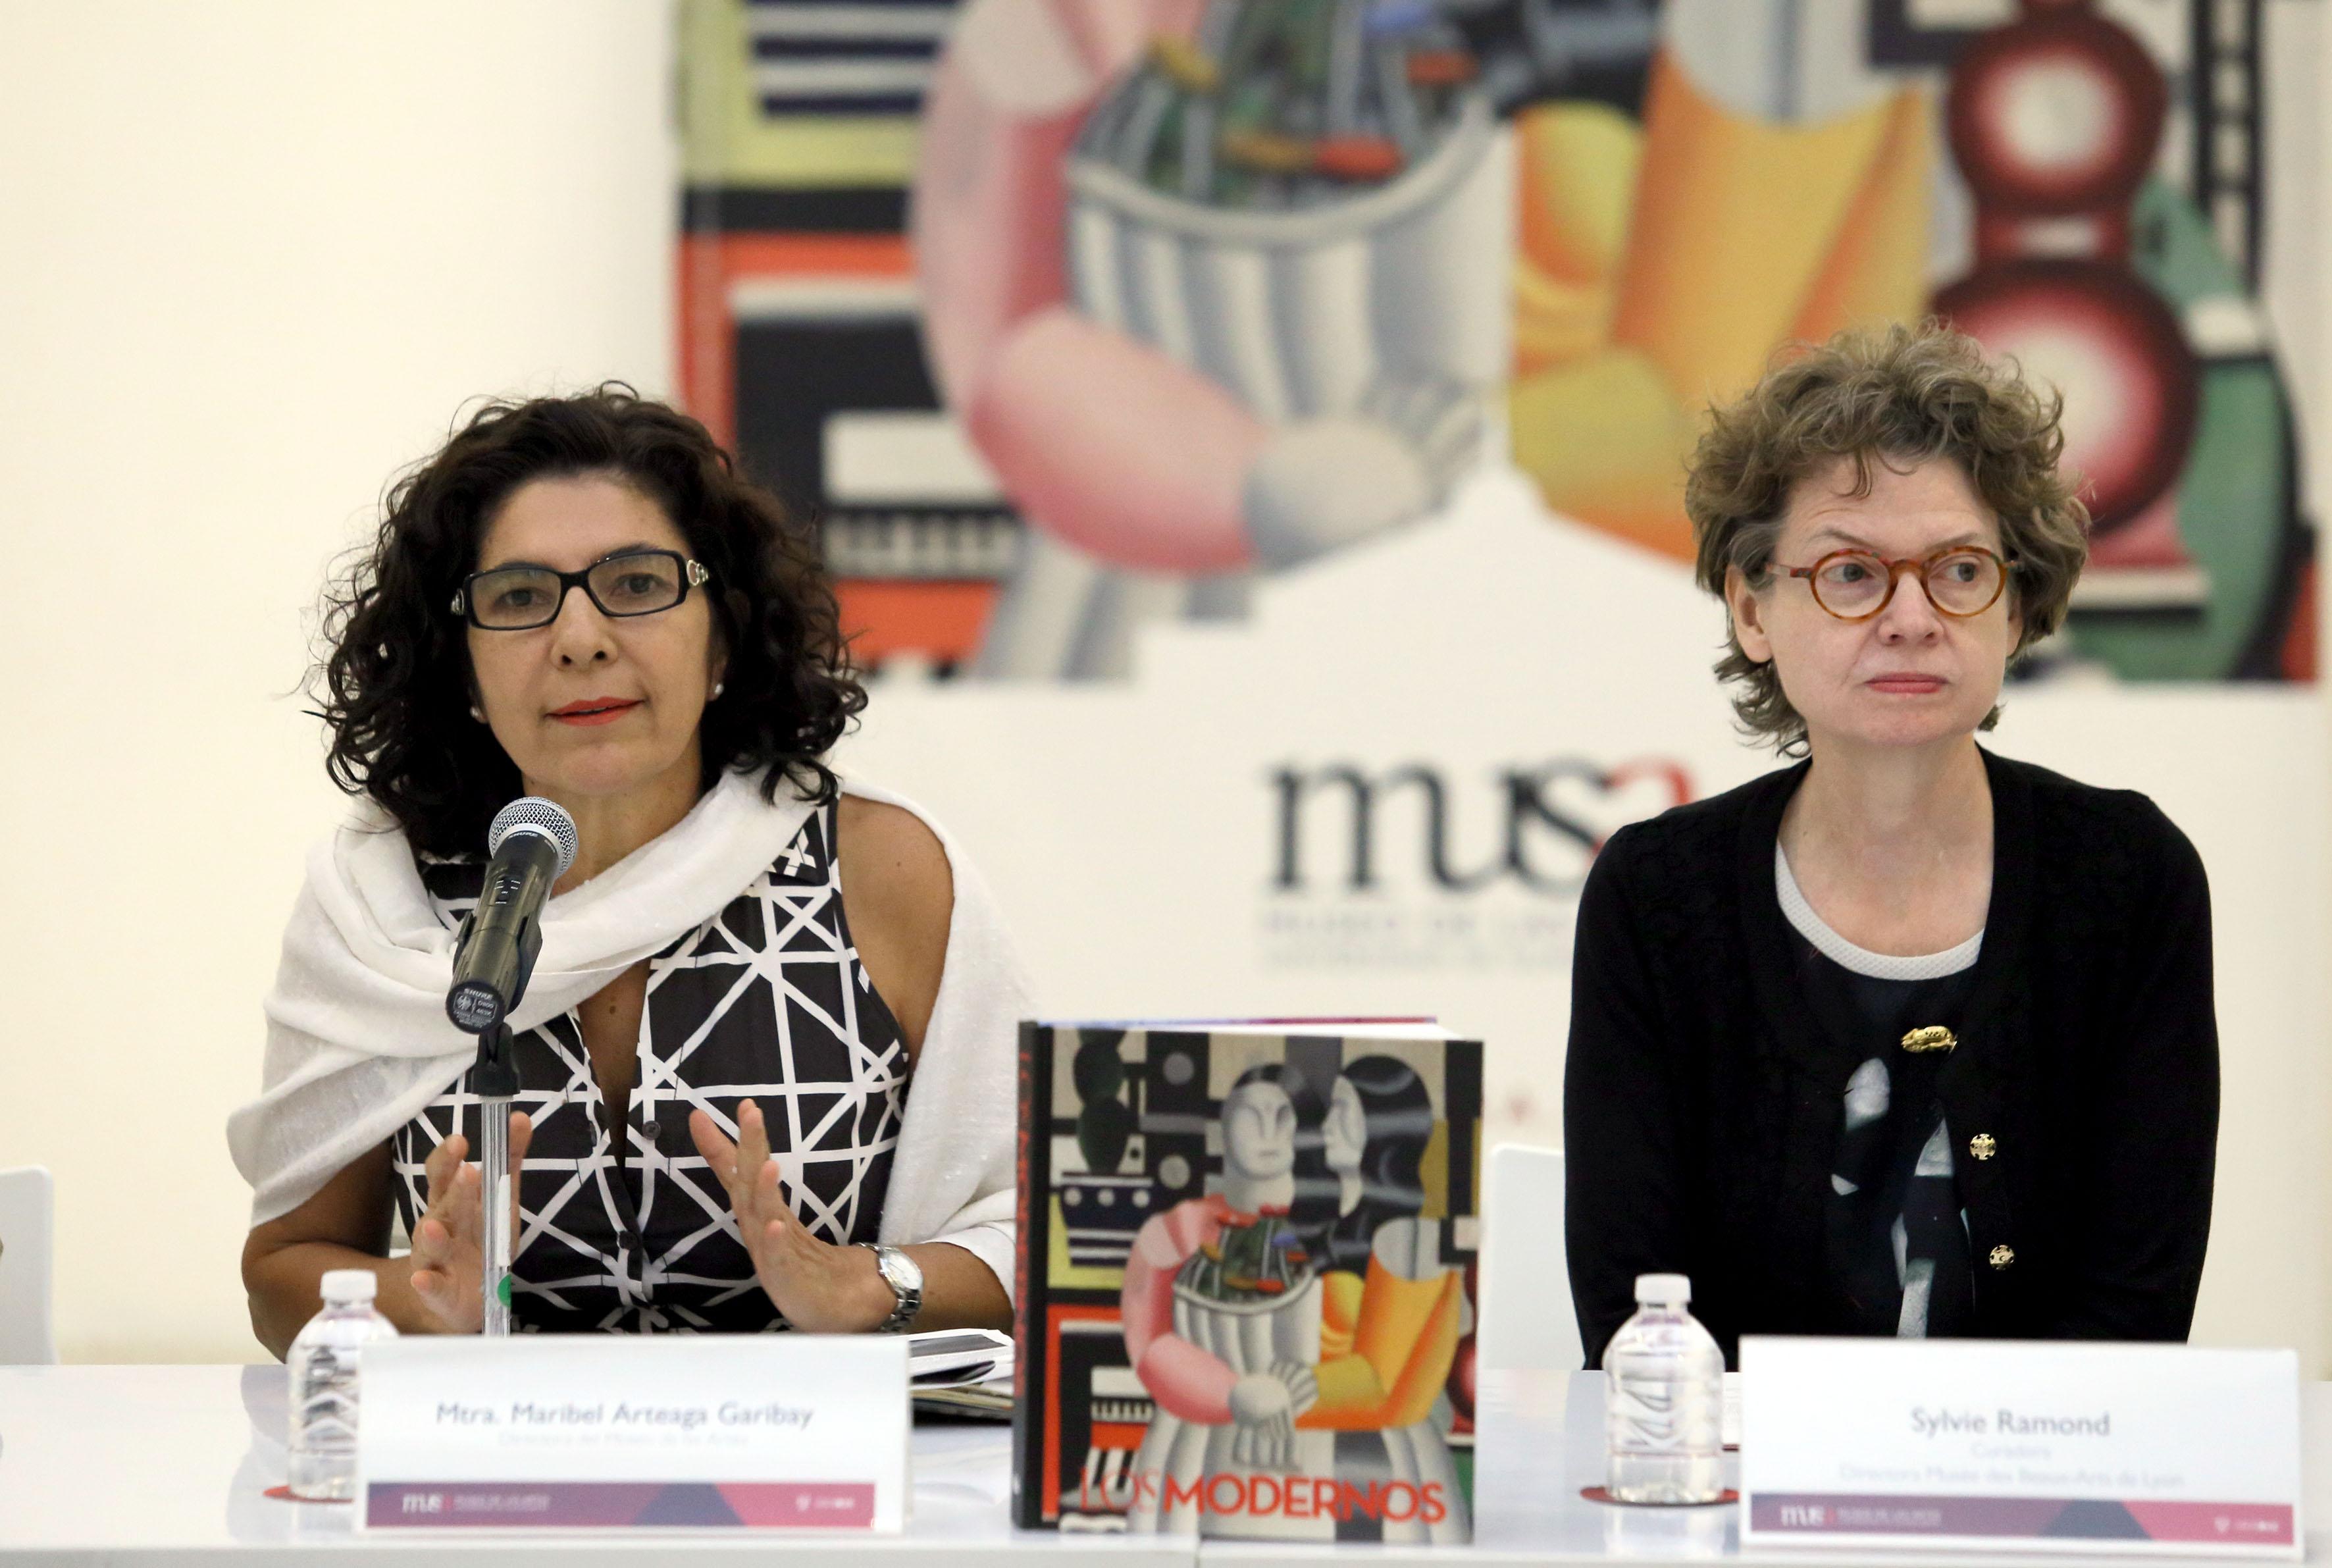 """Mtra. Maribel Arteaga Garibay directora del museo de las artes en la inauguración de la exposición """"Los Modernos"""""""